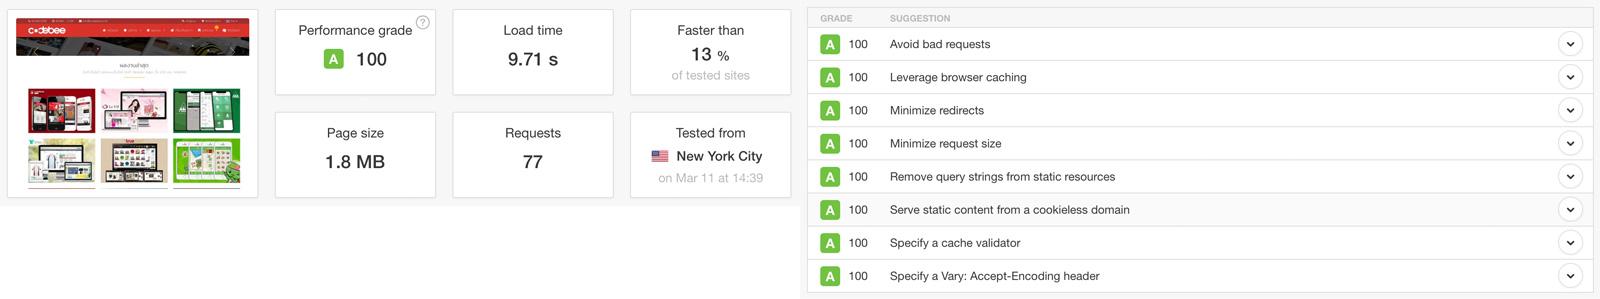 รับเพิ่มความเร็วเว็บไซต์ Google PageSpeed